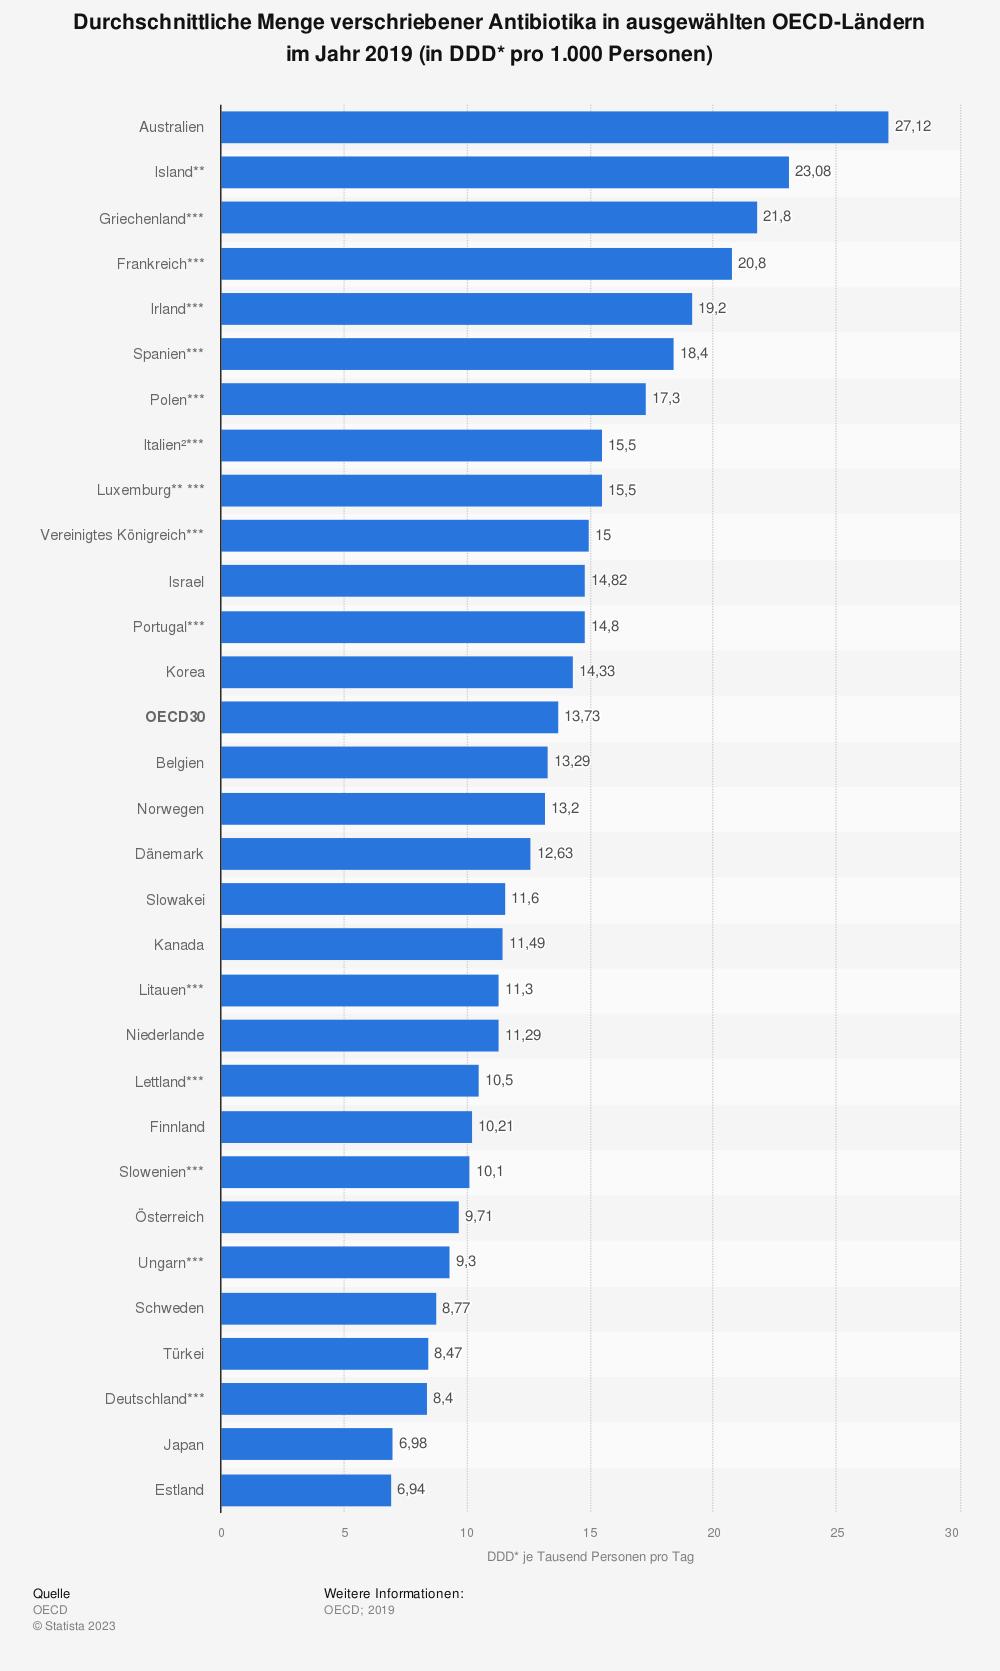 Statistik: Durchschnittliche Menge verschriebener Antibiotika in ausgewählten OECD-Ländern im Jahr 2017 (in DDD* pro 1.000 Personen) | Statista